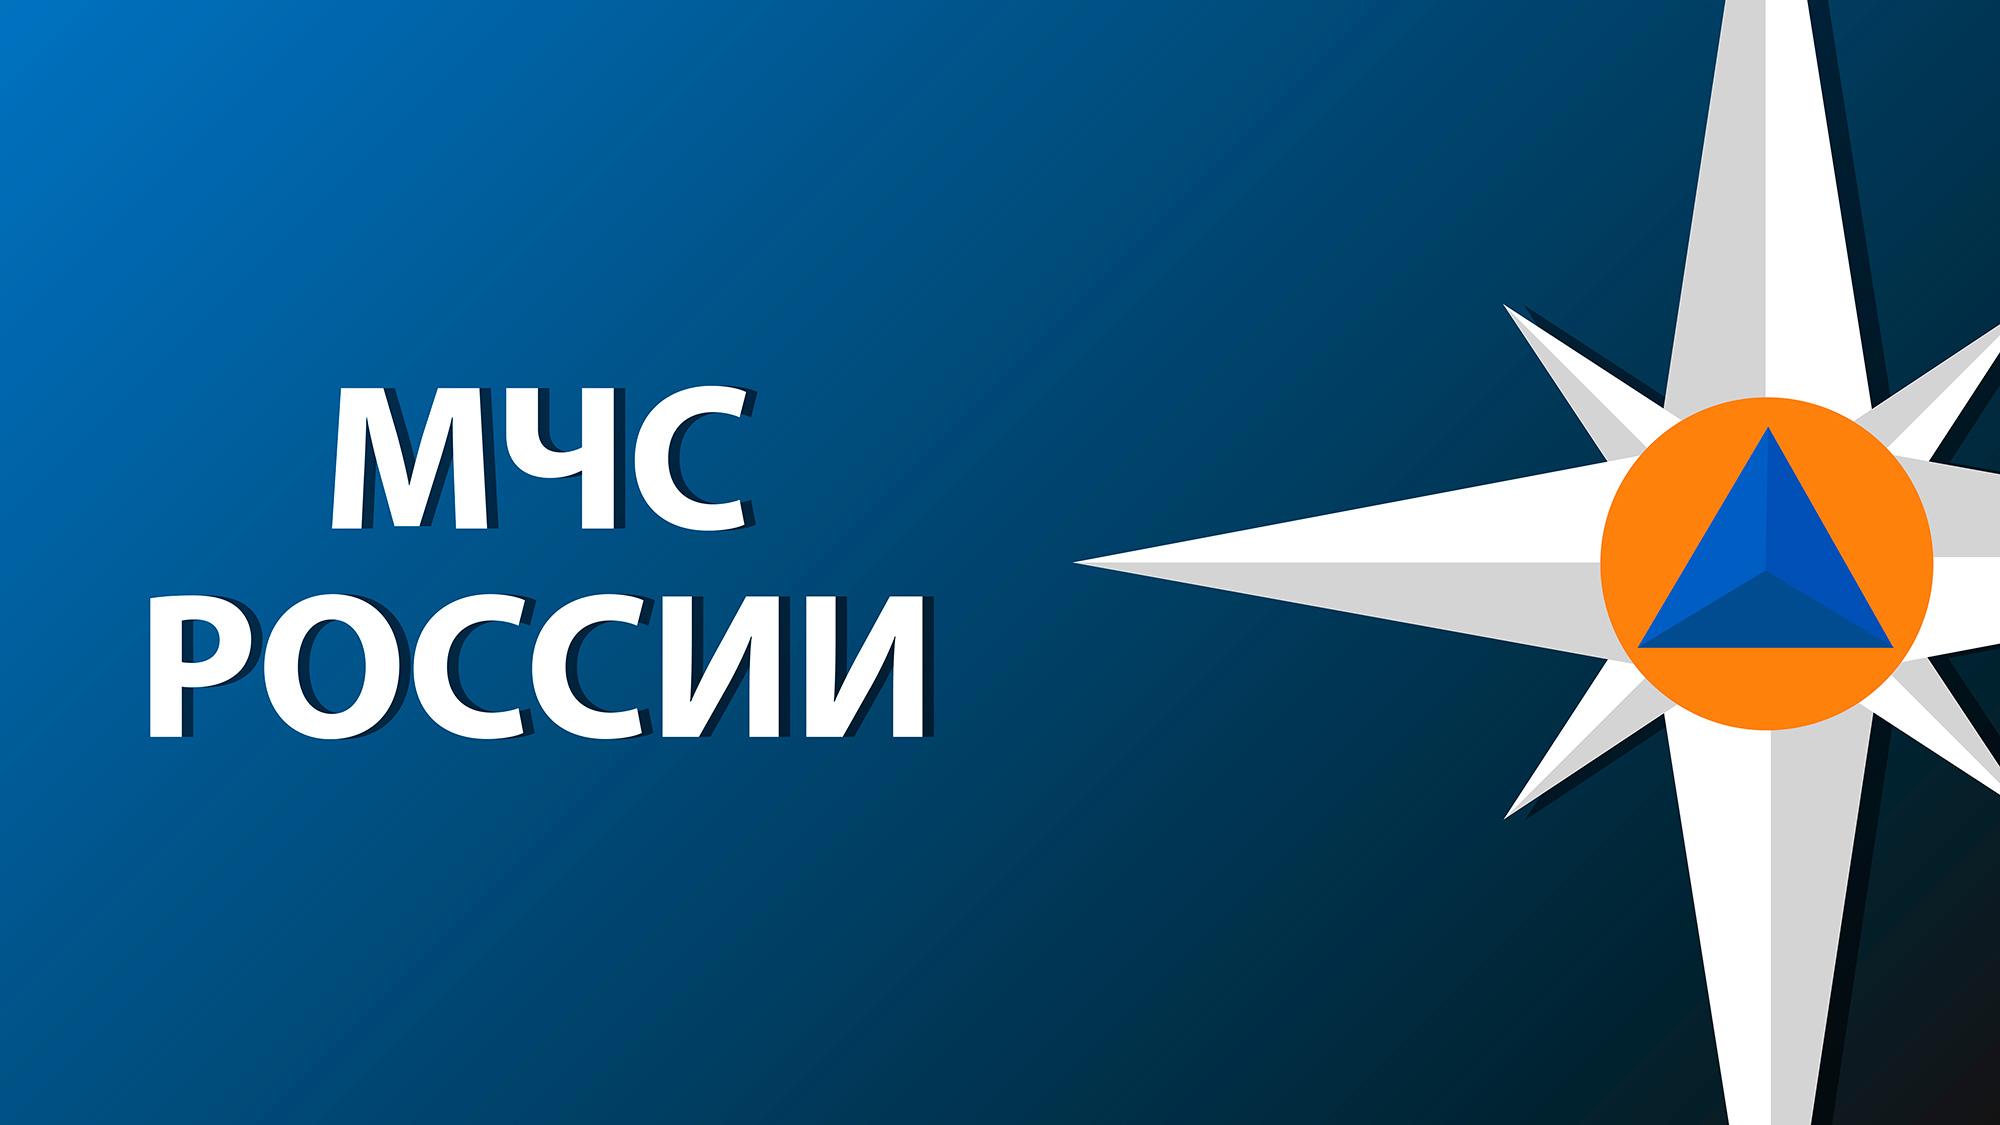 По данным синоптиков в Алтайском крае в период с 27 по 30 августа в большинстве районов ожидается высокая пожароопасность (4 класс горимости)